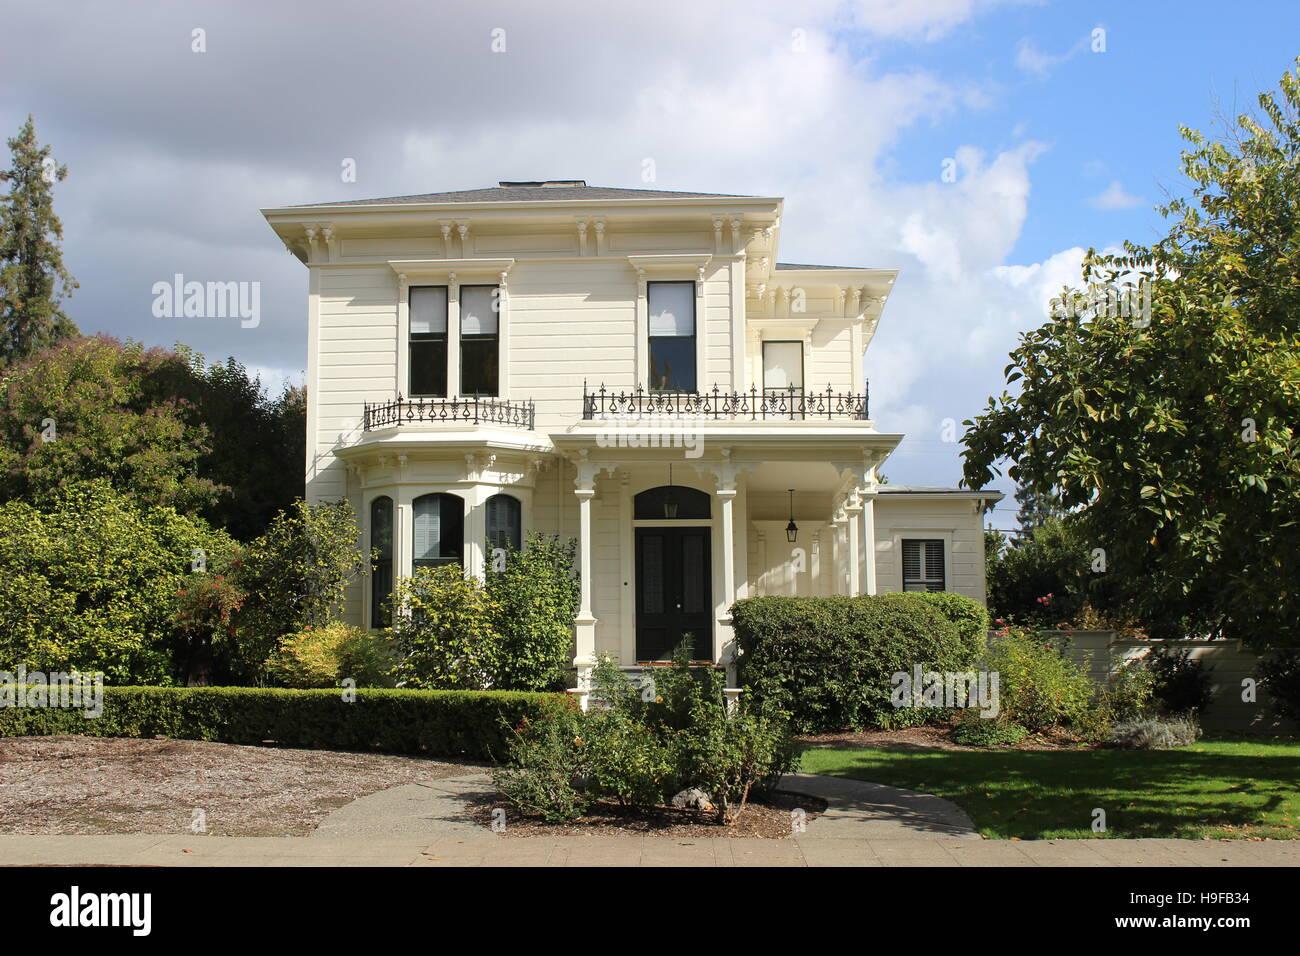 Sombra de duda House, italianizante, Santa Rosa, California Imagen De Stock